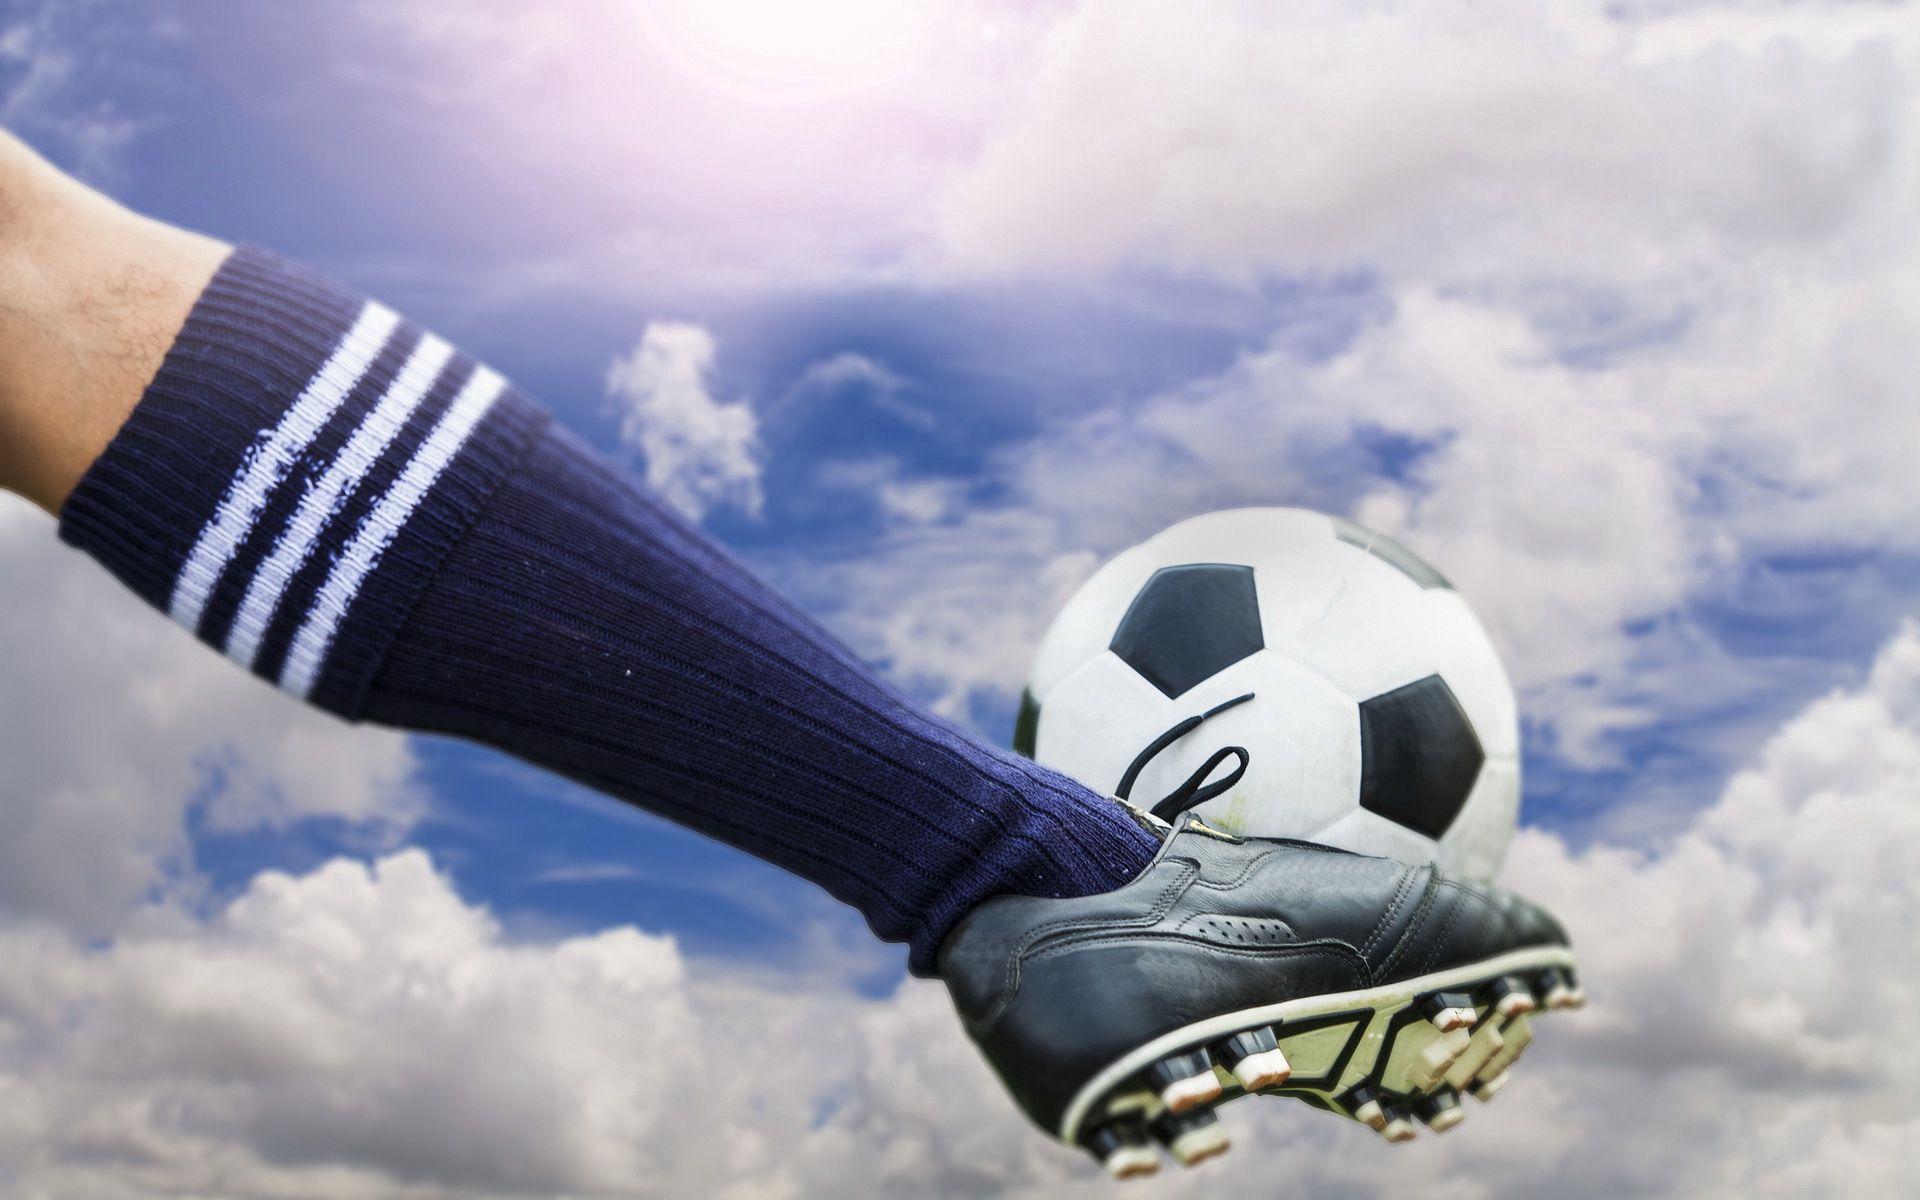 139816 Hintergrundbild herunterladen Sport, Fußball, Ball, Stollen, Schuhe, Kniestrümpfe, Kniesocken - Bildschirmschoner und Bilder kostenlos